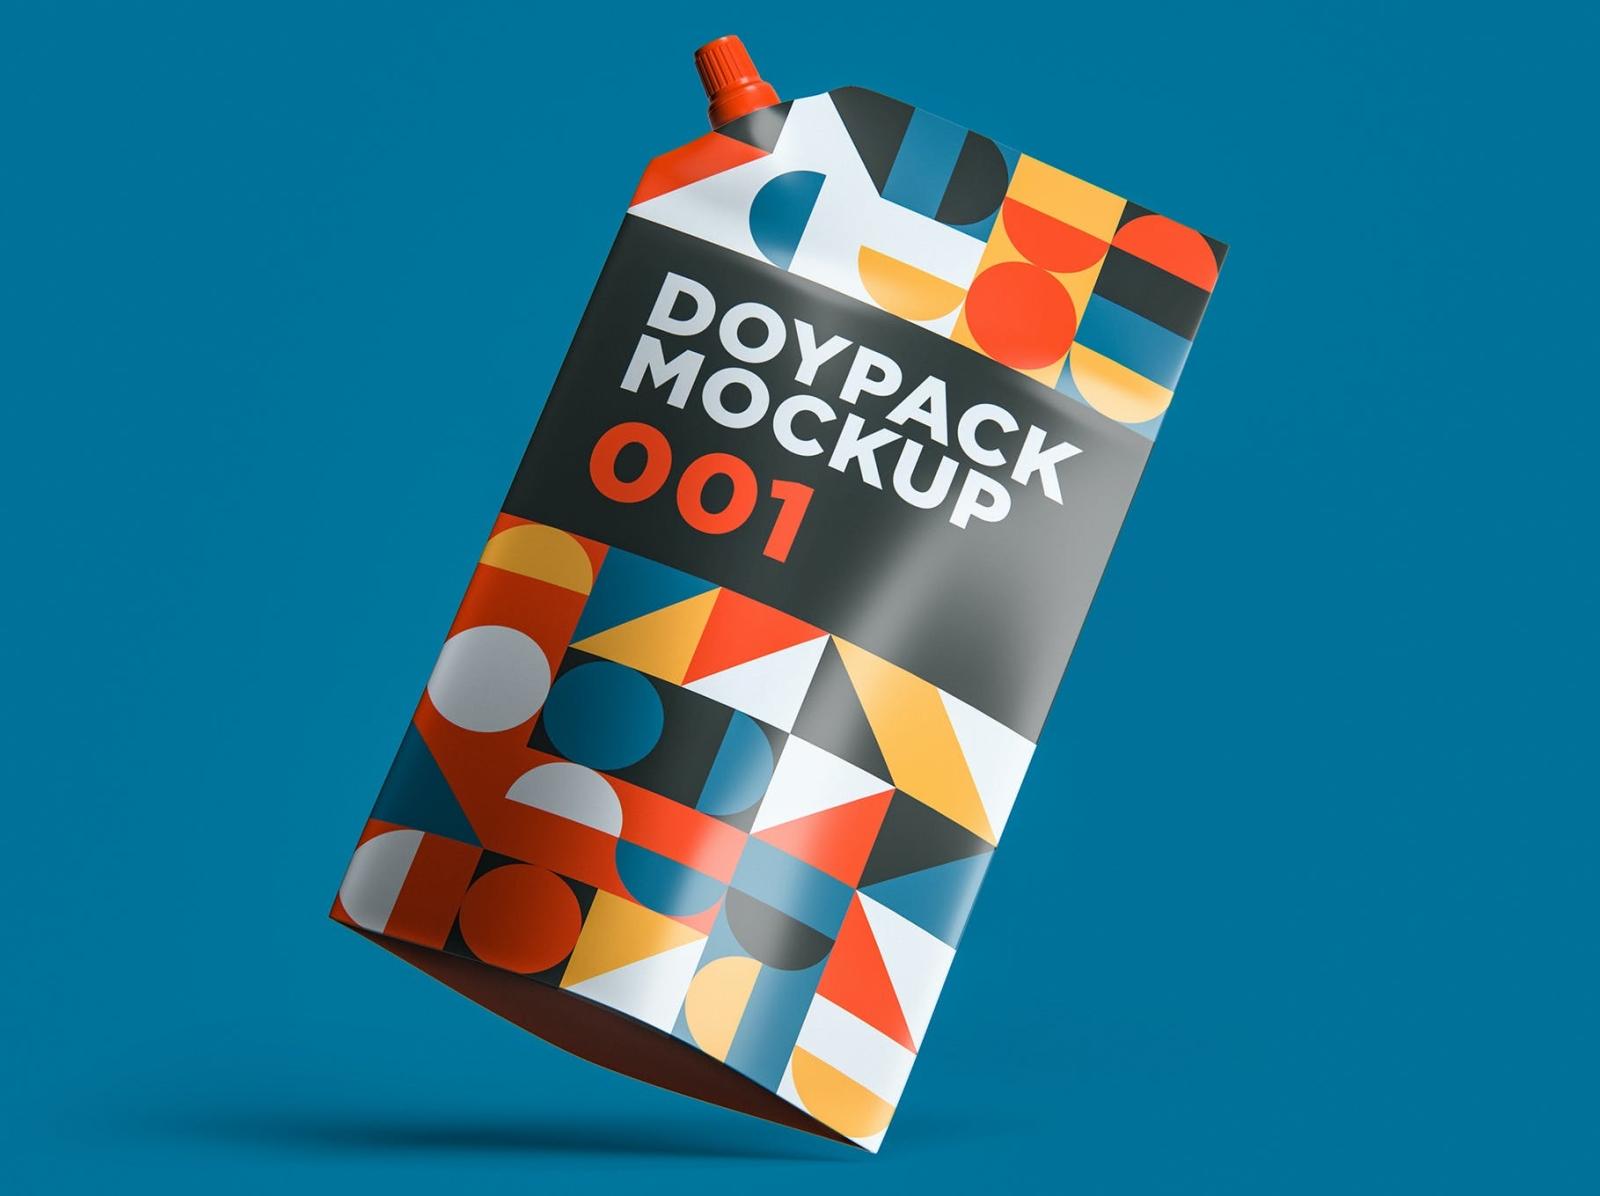 Doypack Mockup package design packaging design packaging package ziplock mockup doypack typography ux 3d vector ui logo illustration graphic design design branding